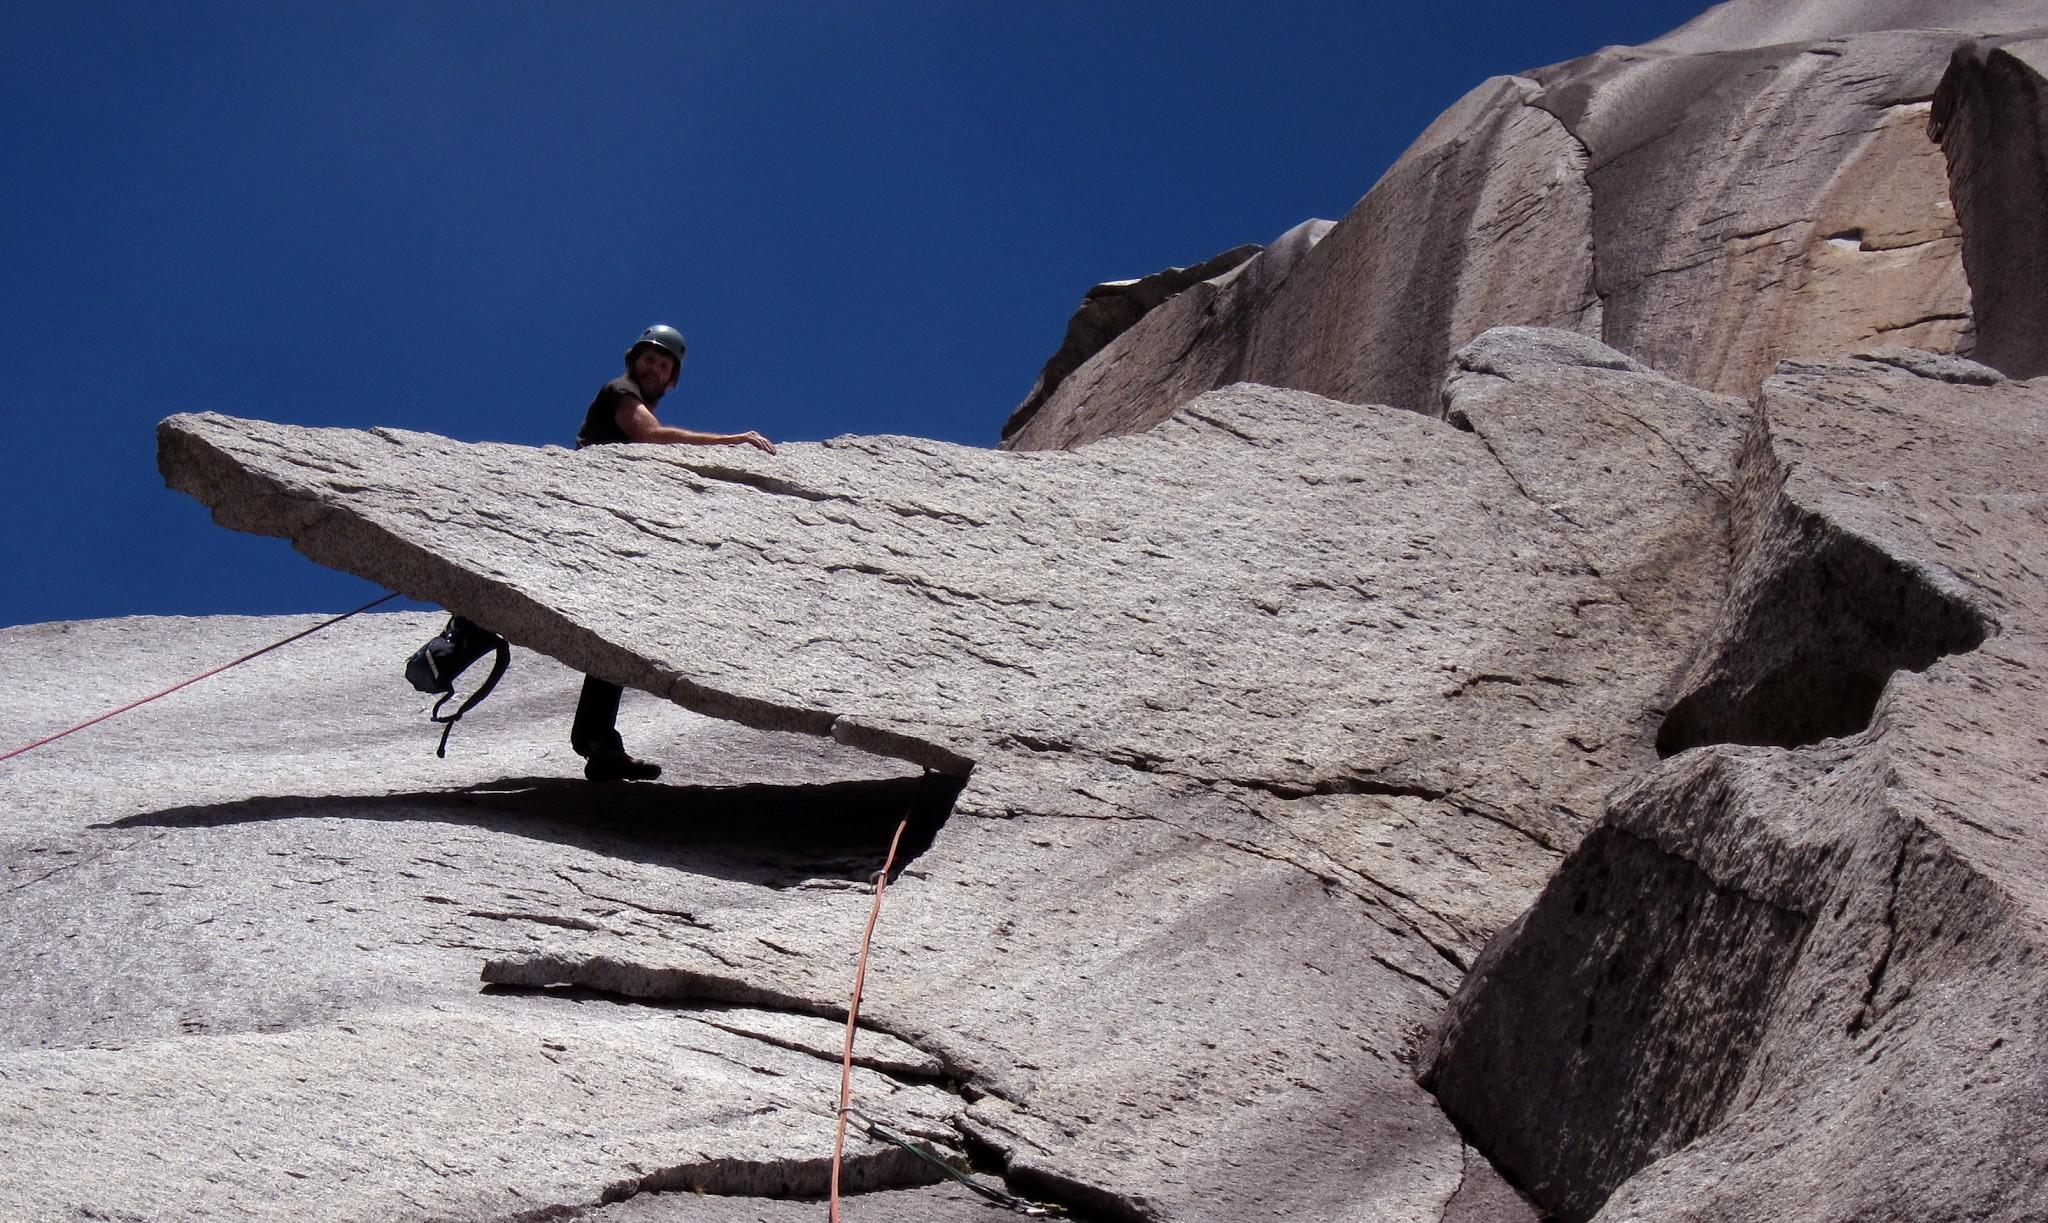 J.B. Haab sube en el largo Pico de Pato de la vía Al Centro y Adentro (5.11d, 450 m). © Daniel Seeliger